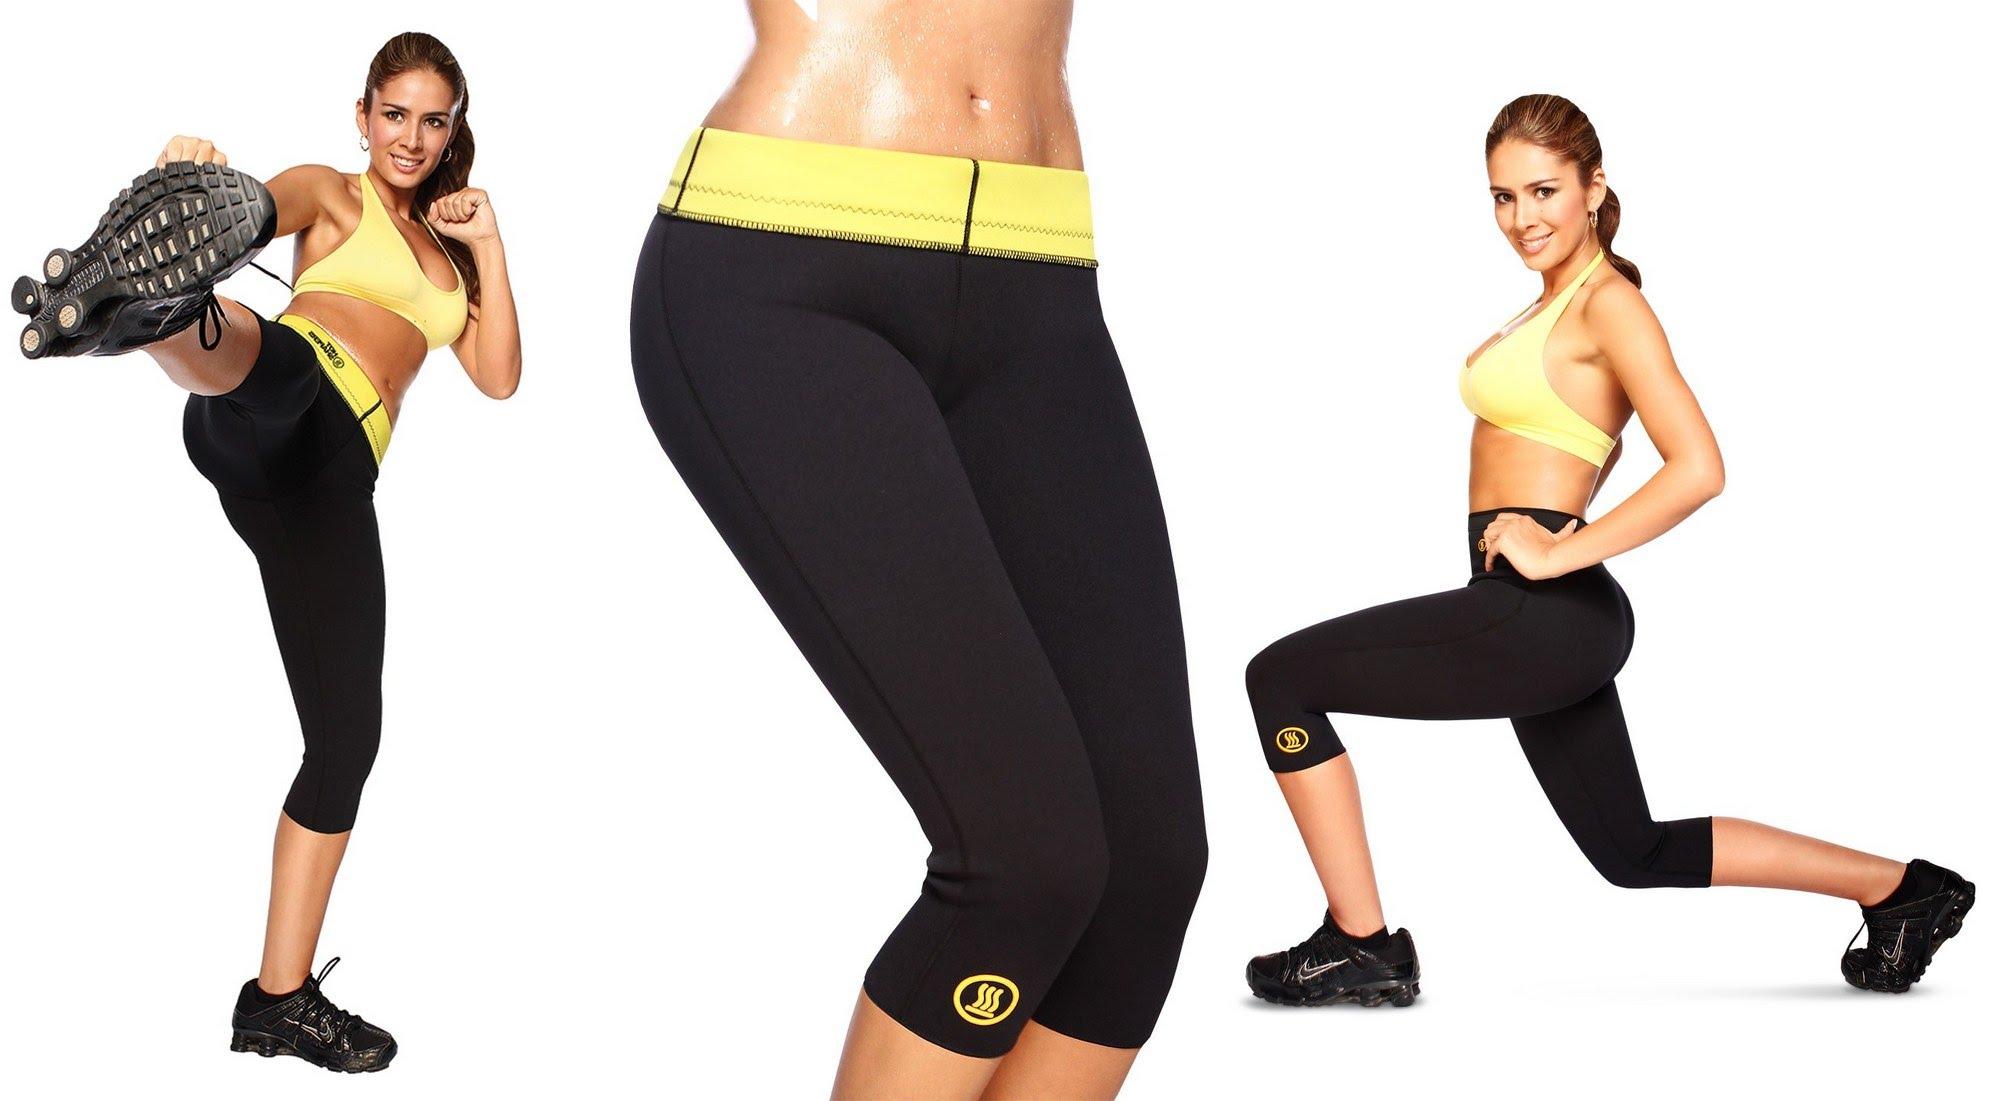 Распродажа! Неопреновая одежда для активного похудения! Эффект сауны! Есть особые майки и топы!